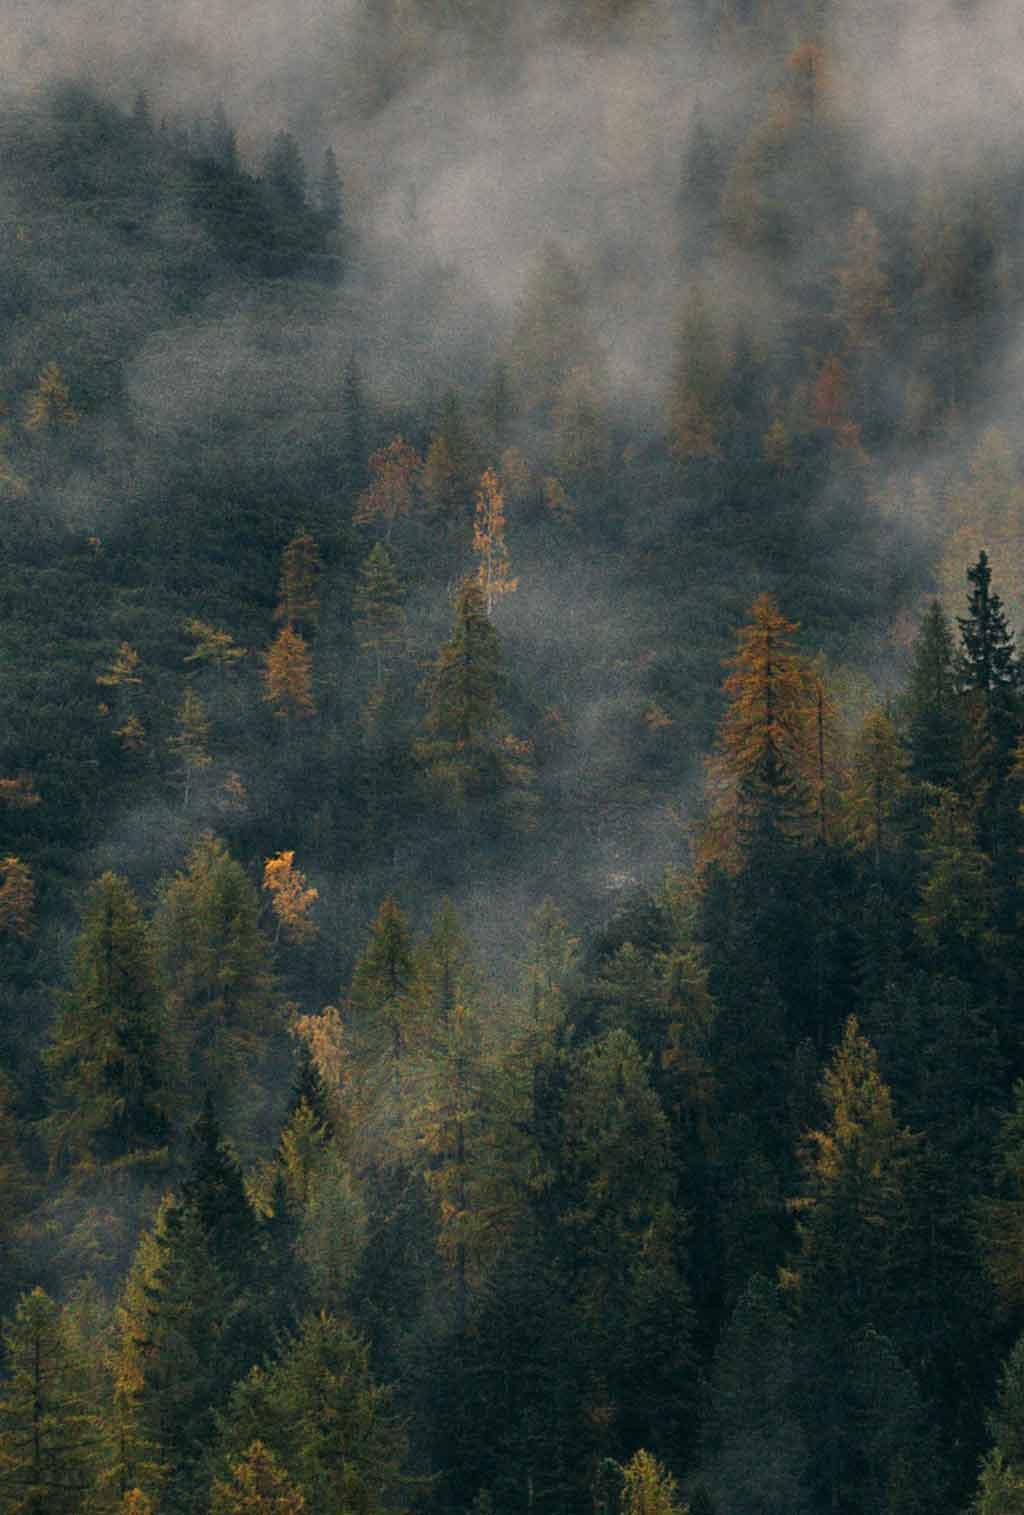 Lämpökäsittely on ekologinen, myrkytön käsittely puulle.